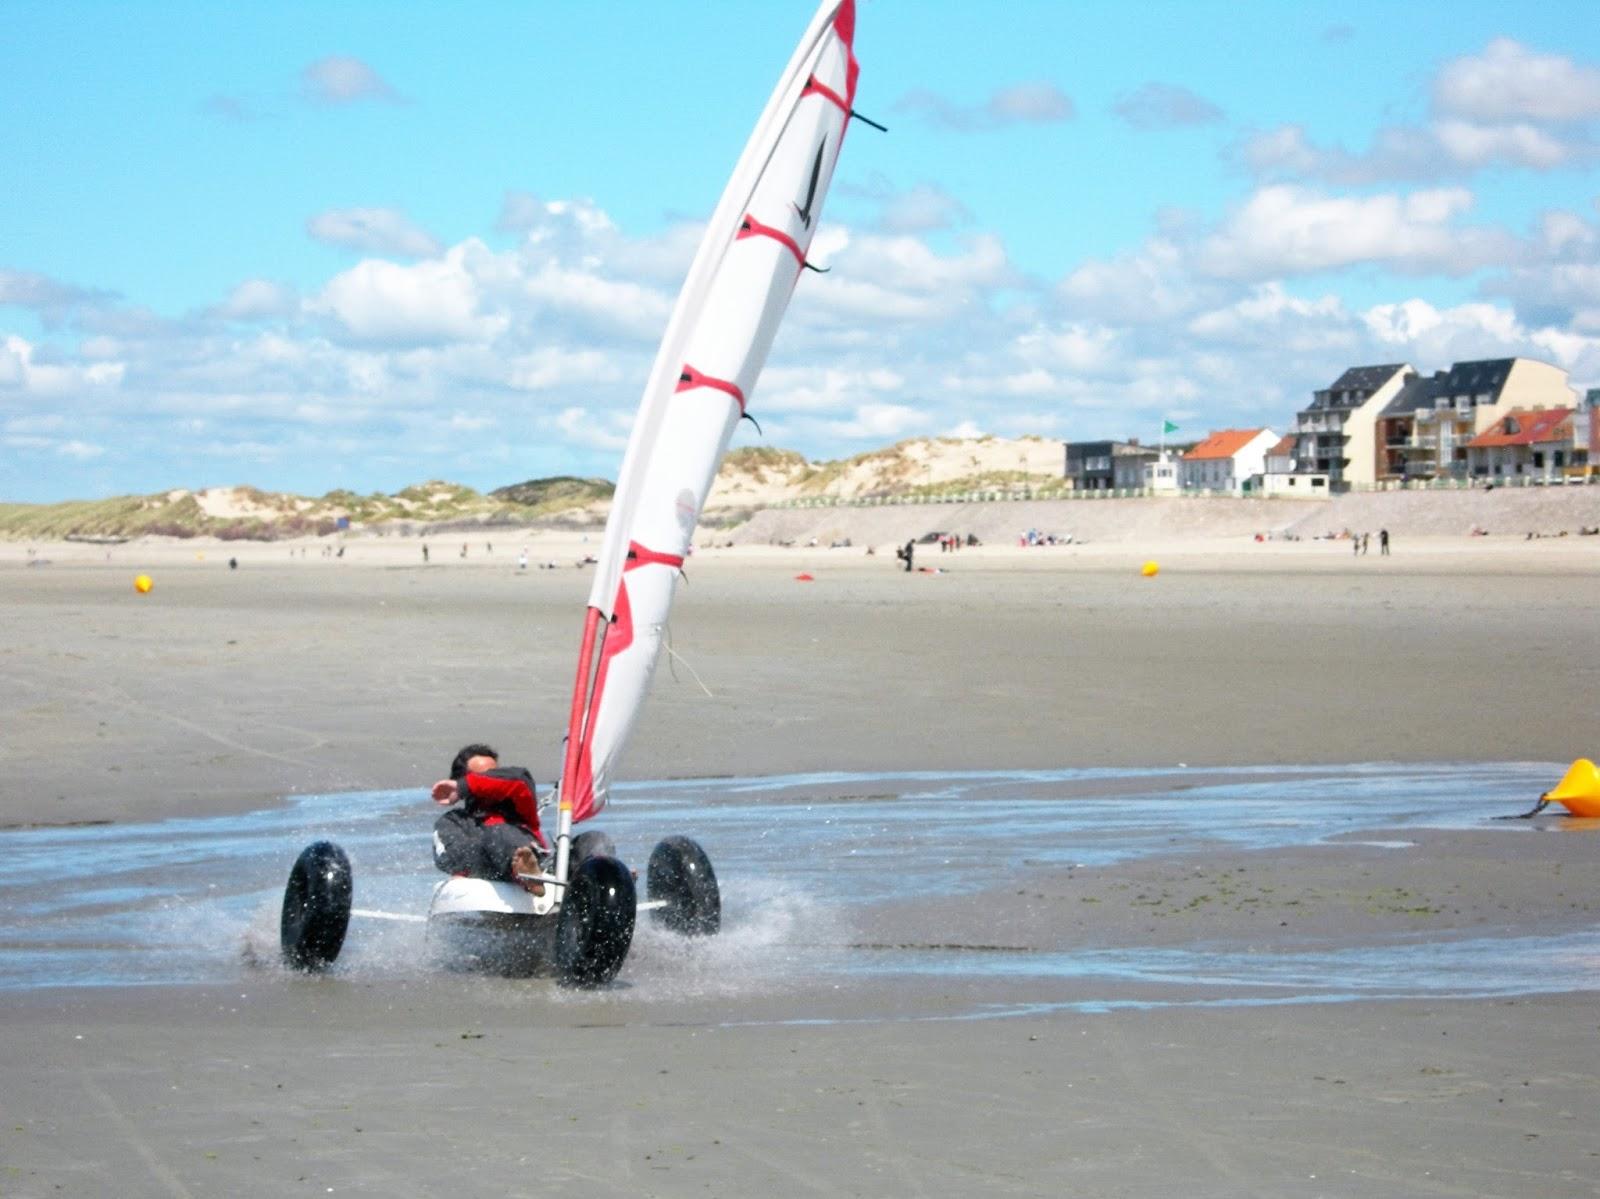 Air Beach Une Super Session De Char A Voile